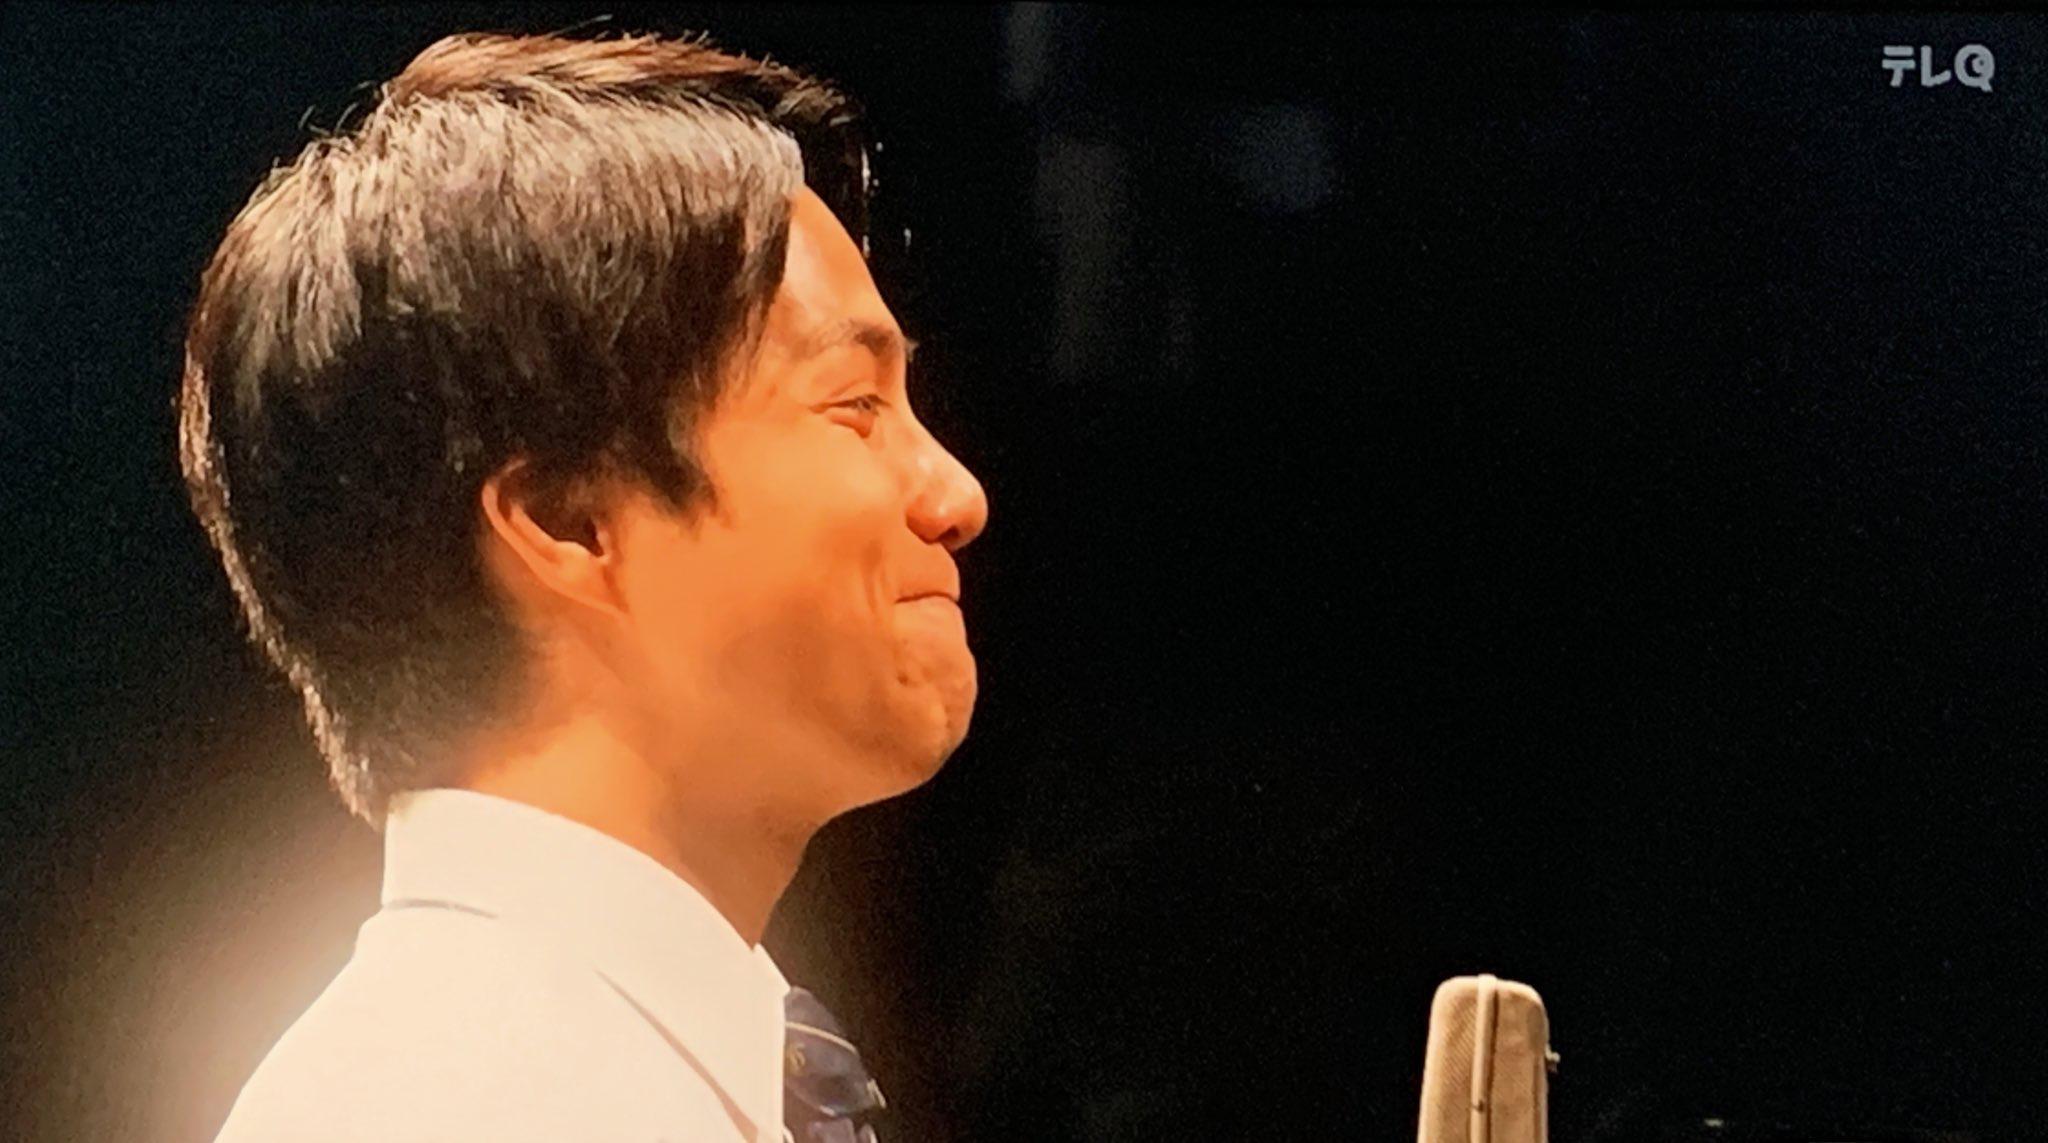 やりきった表情の重岡大毅さん画像